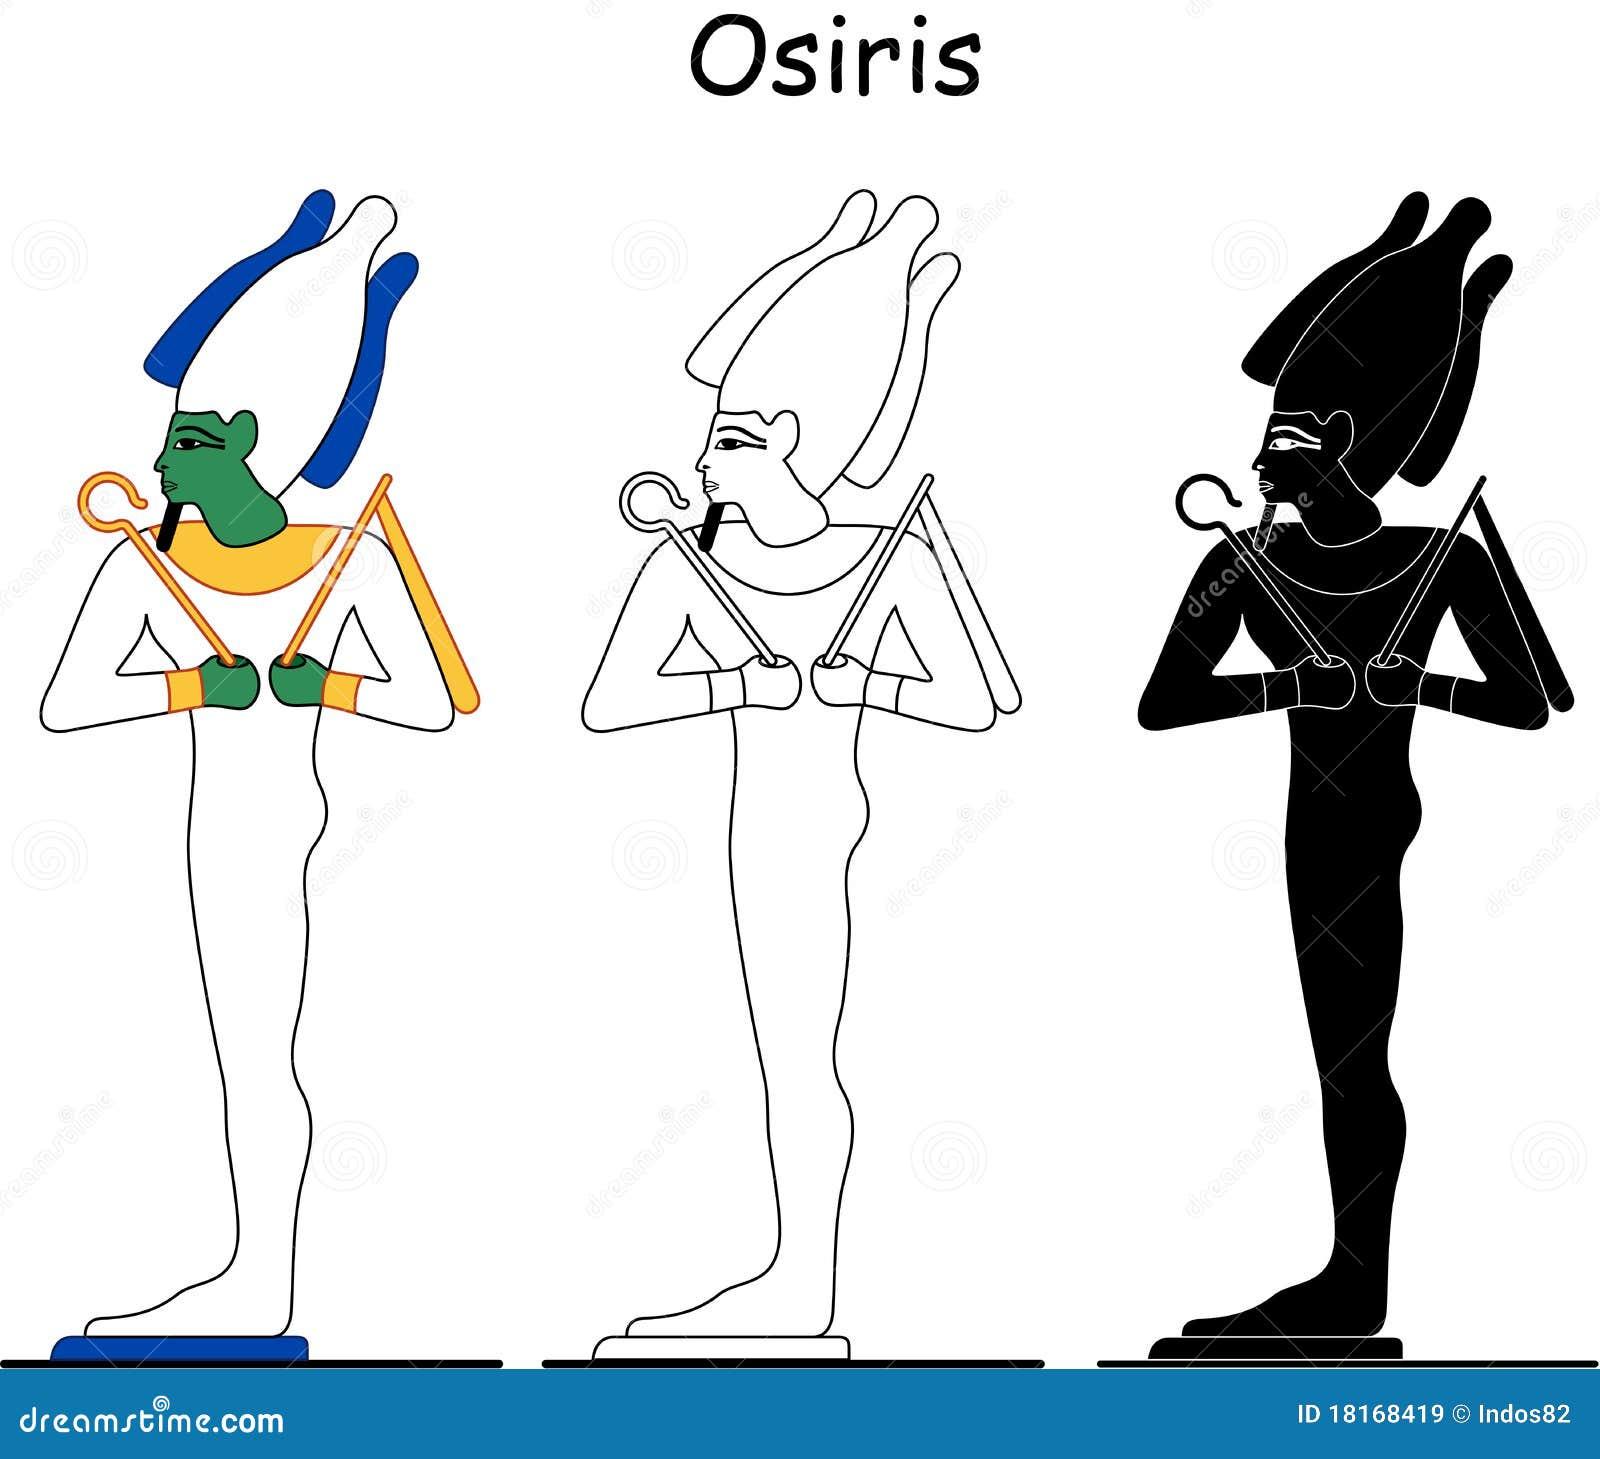 Dios egipcio antiguo - Osiris